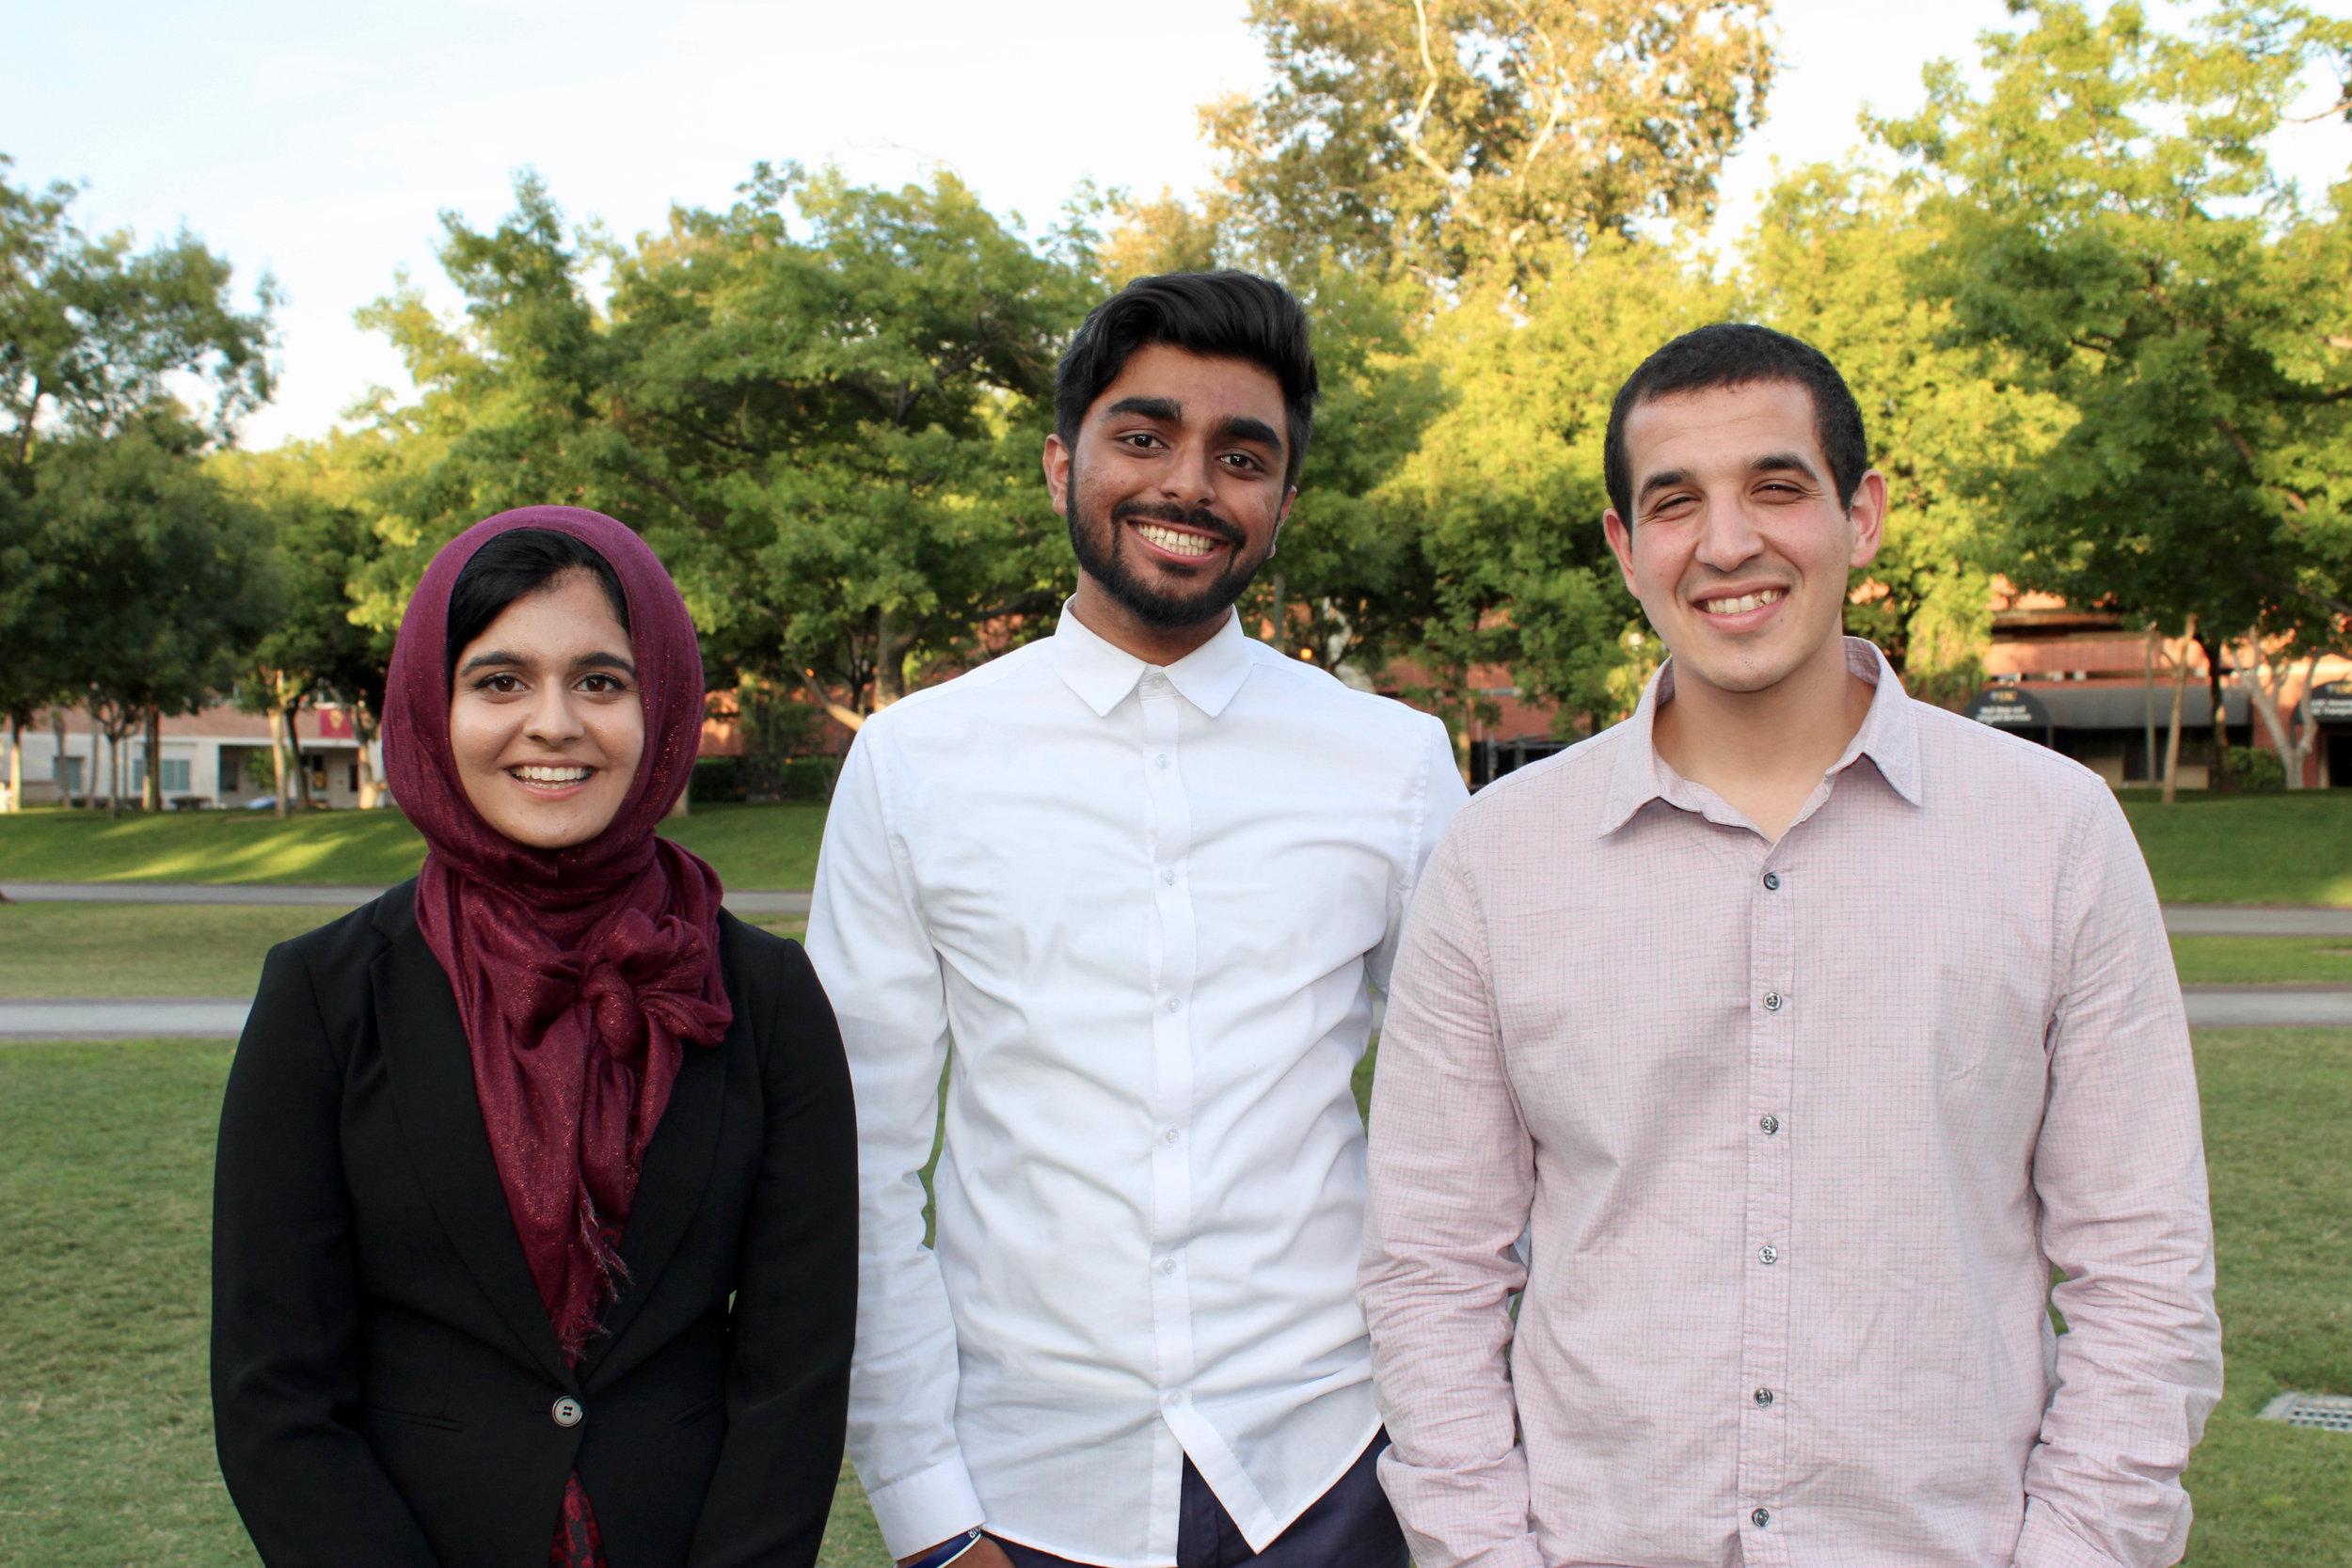 From left to right: Hafsah Lakhany, Zawar Jafri, and Ahmed Abdelgany.